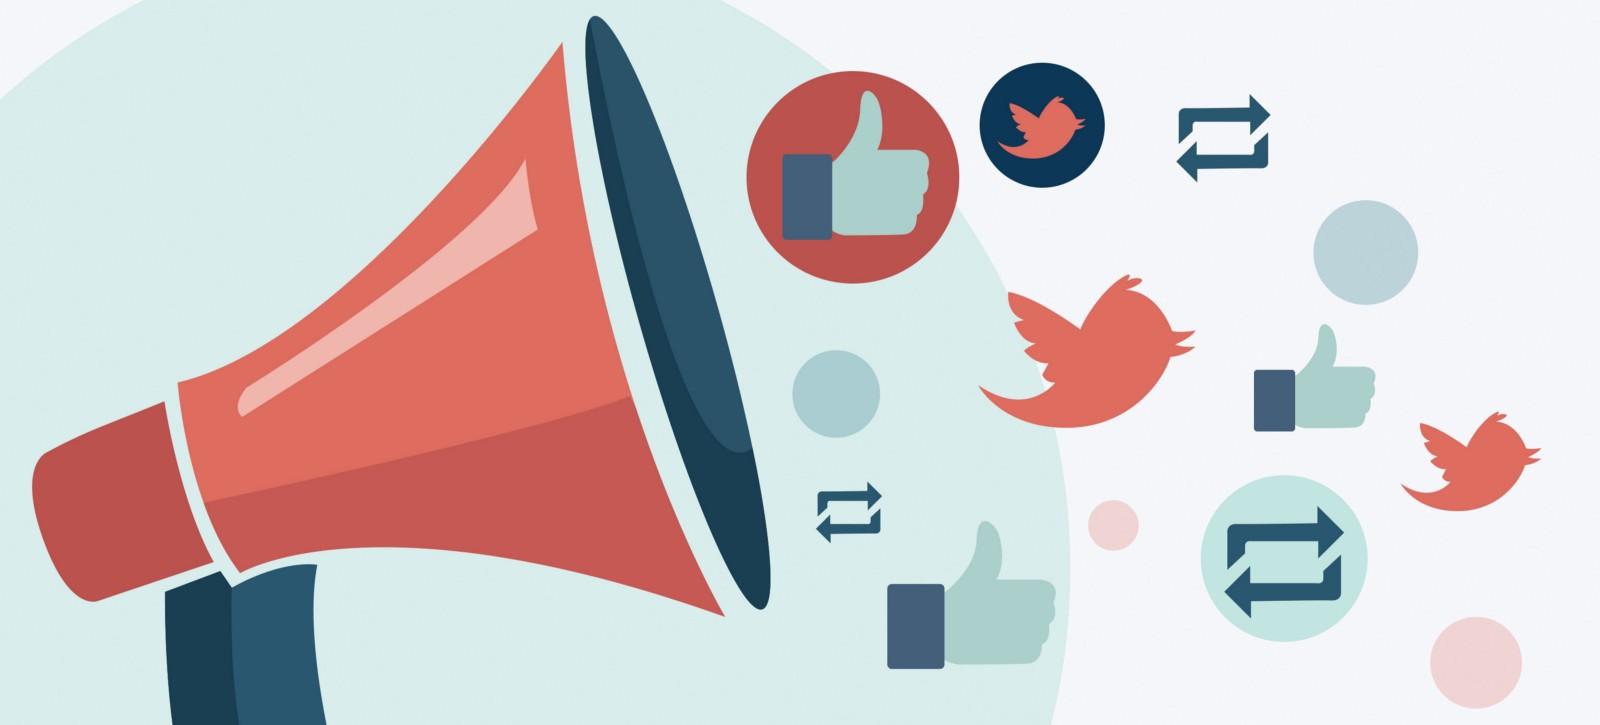 تاریخچه شبکه های اجتماعی